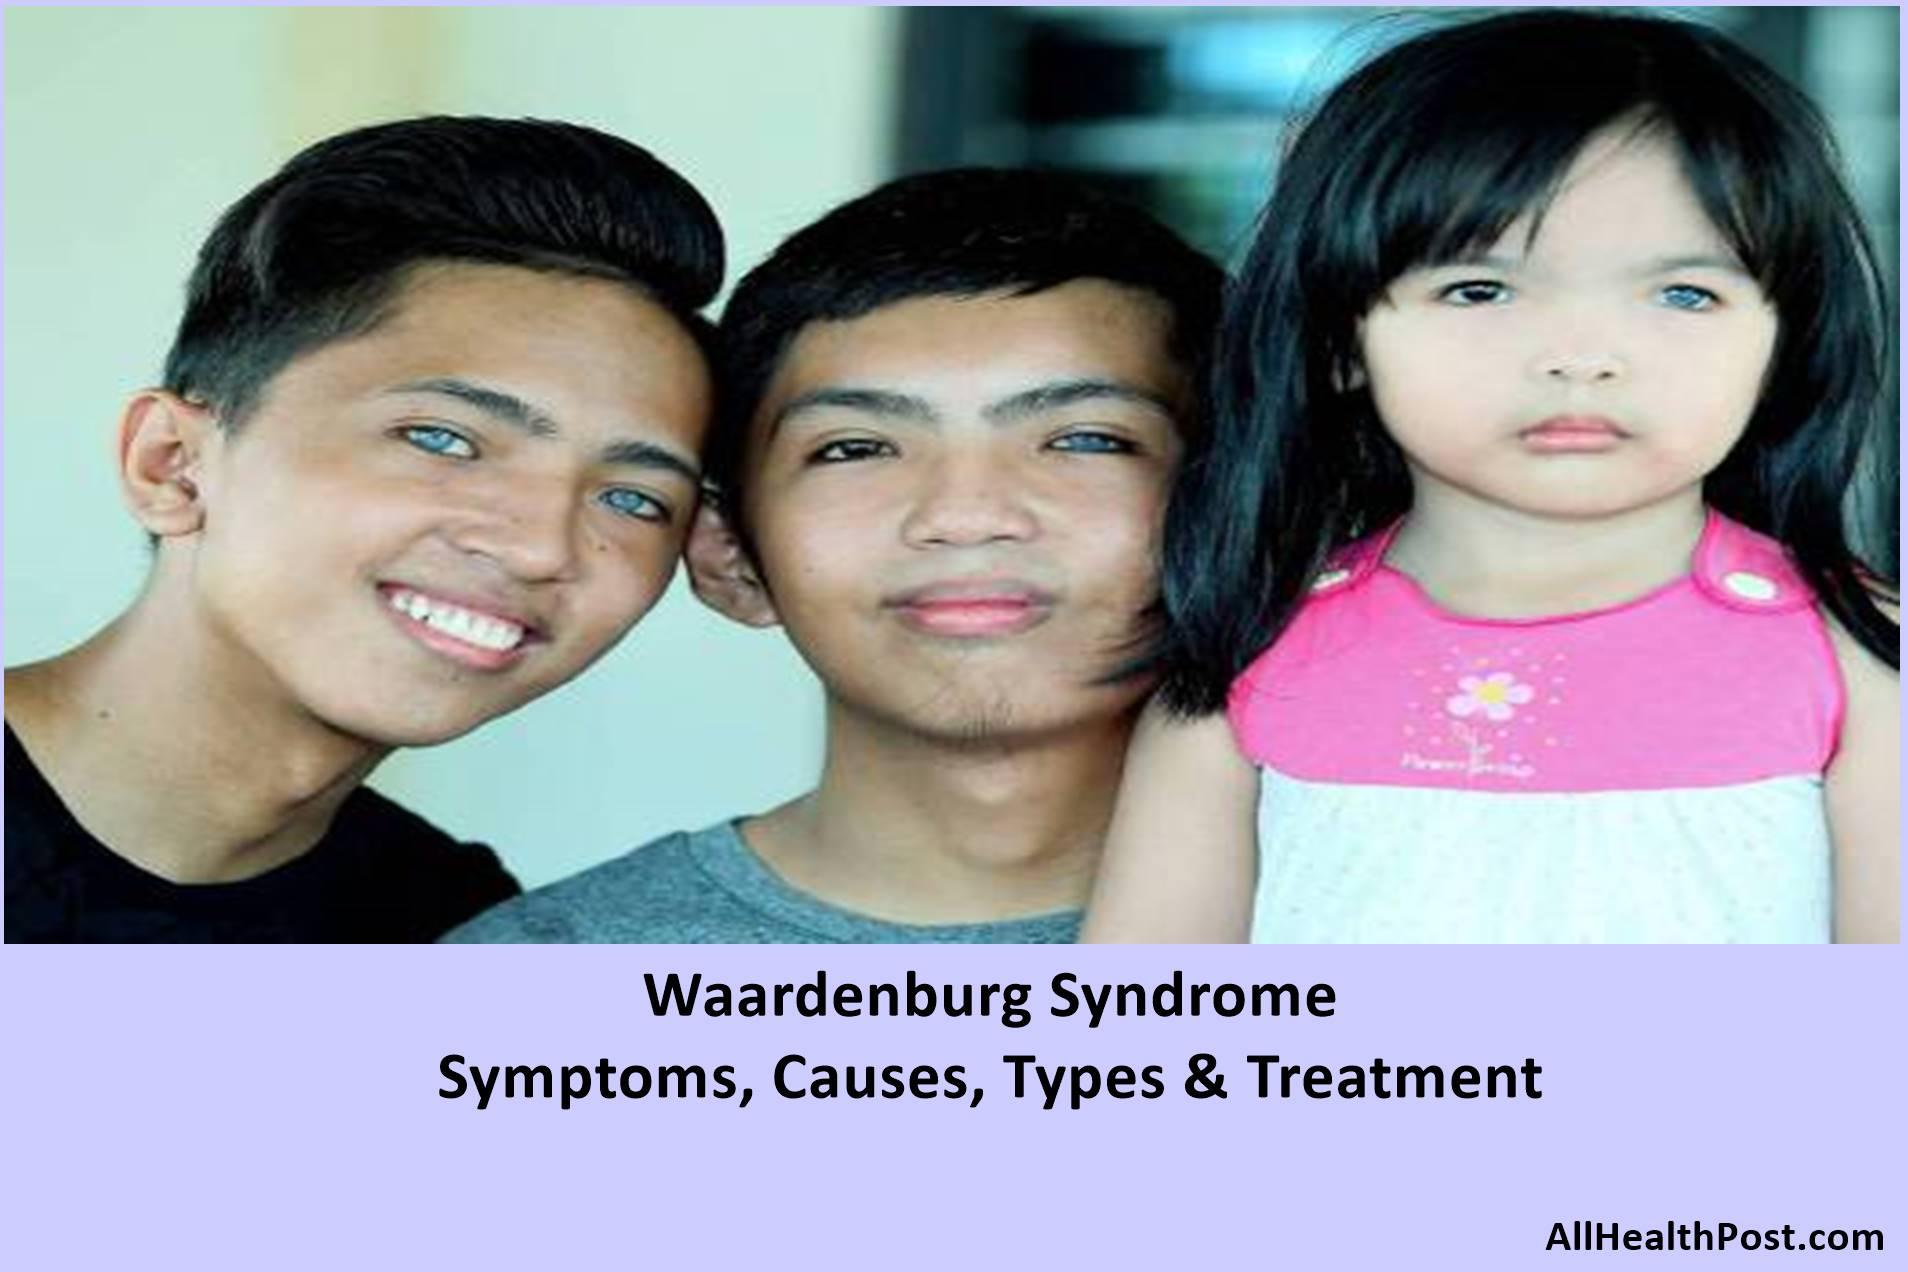 Waardenburg Syndrome - Symptoms, Causes, Types & Treatment